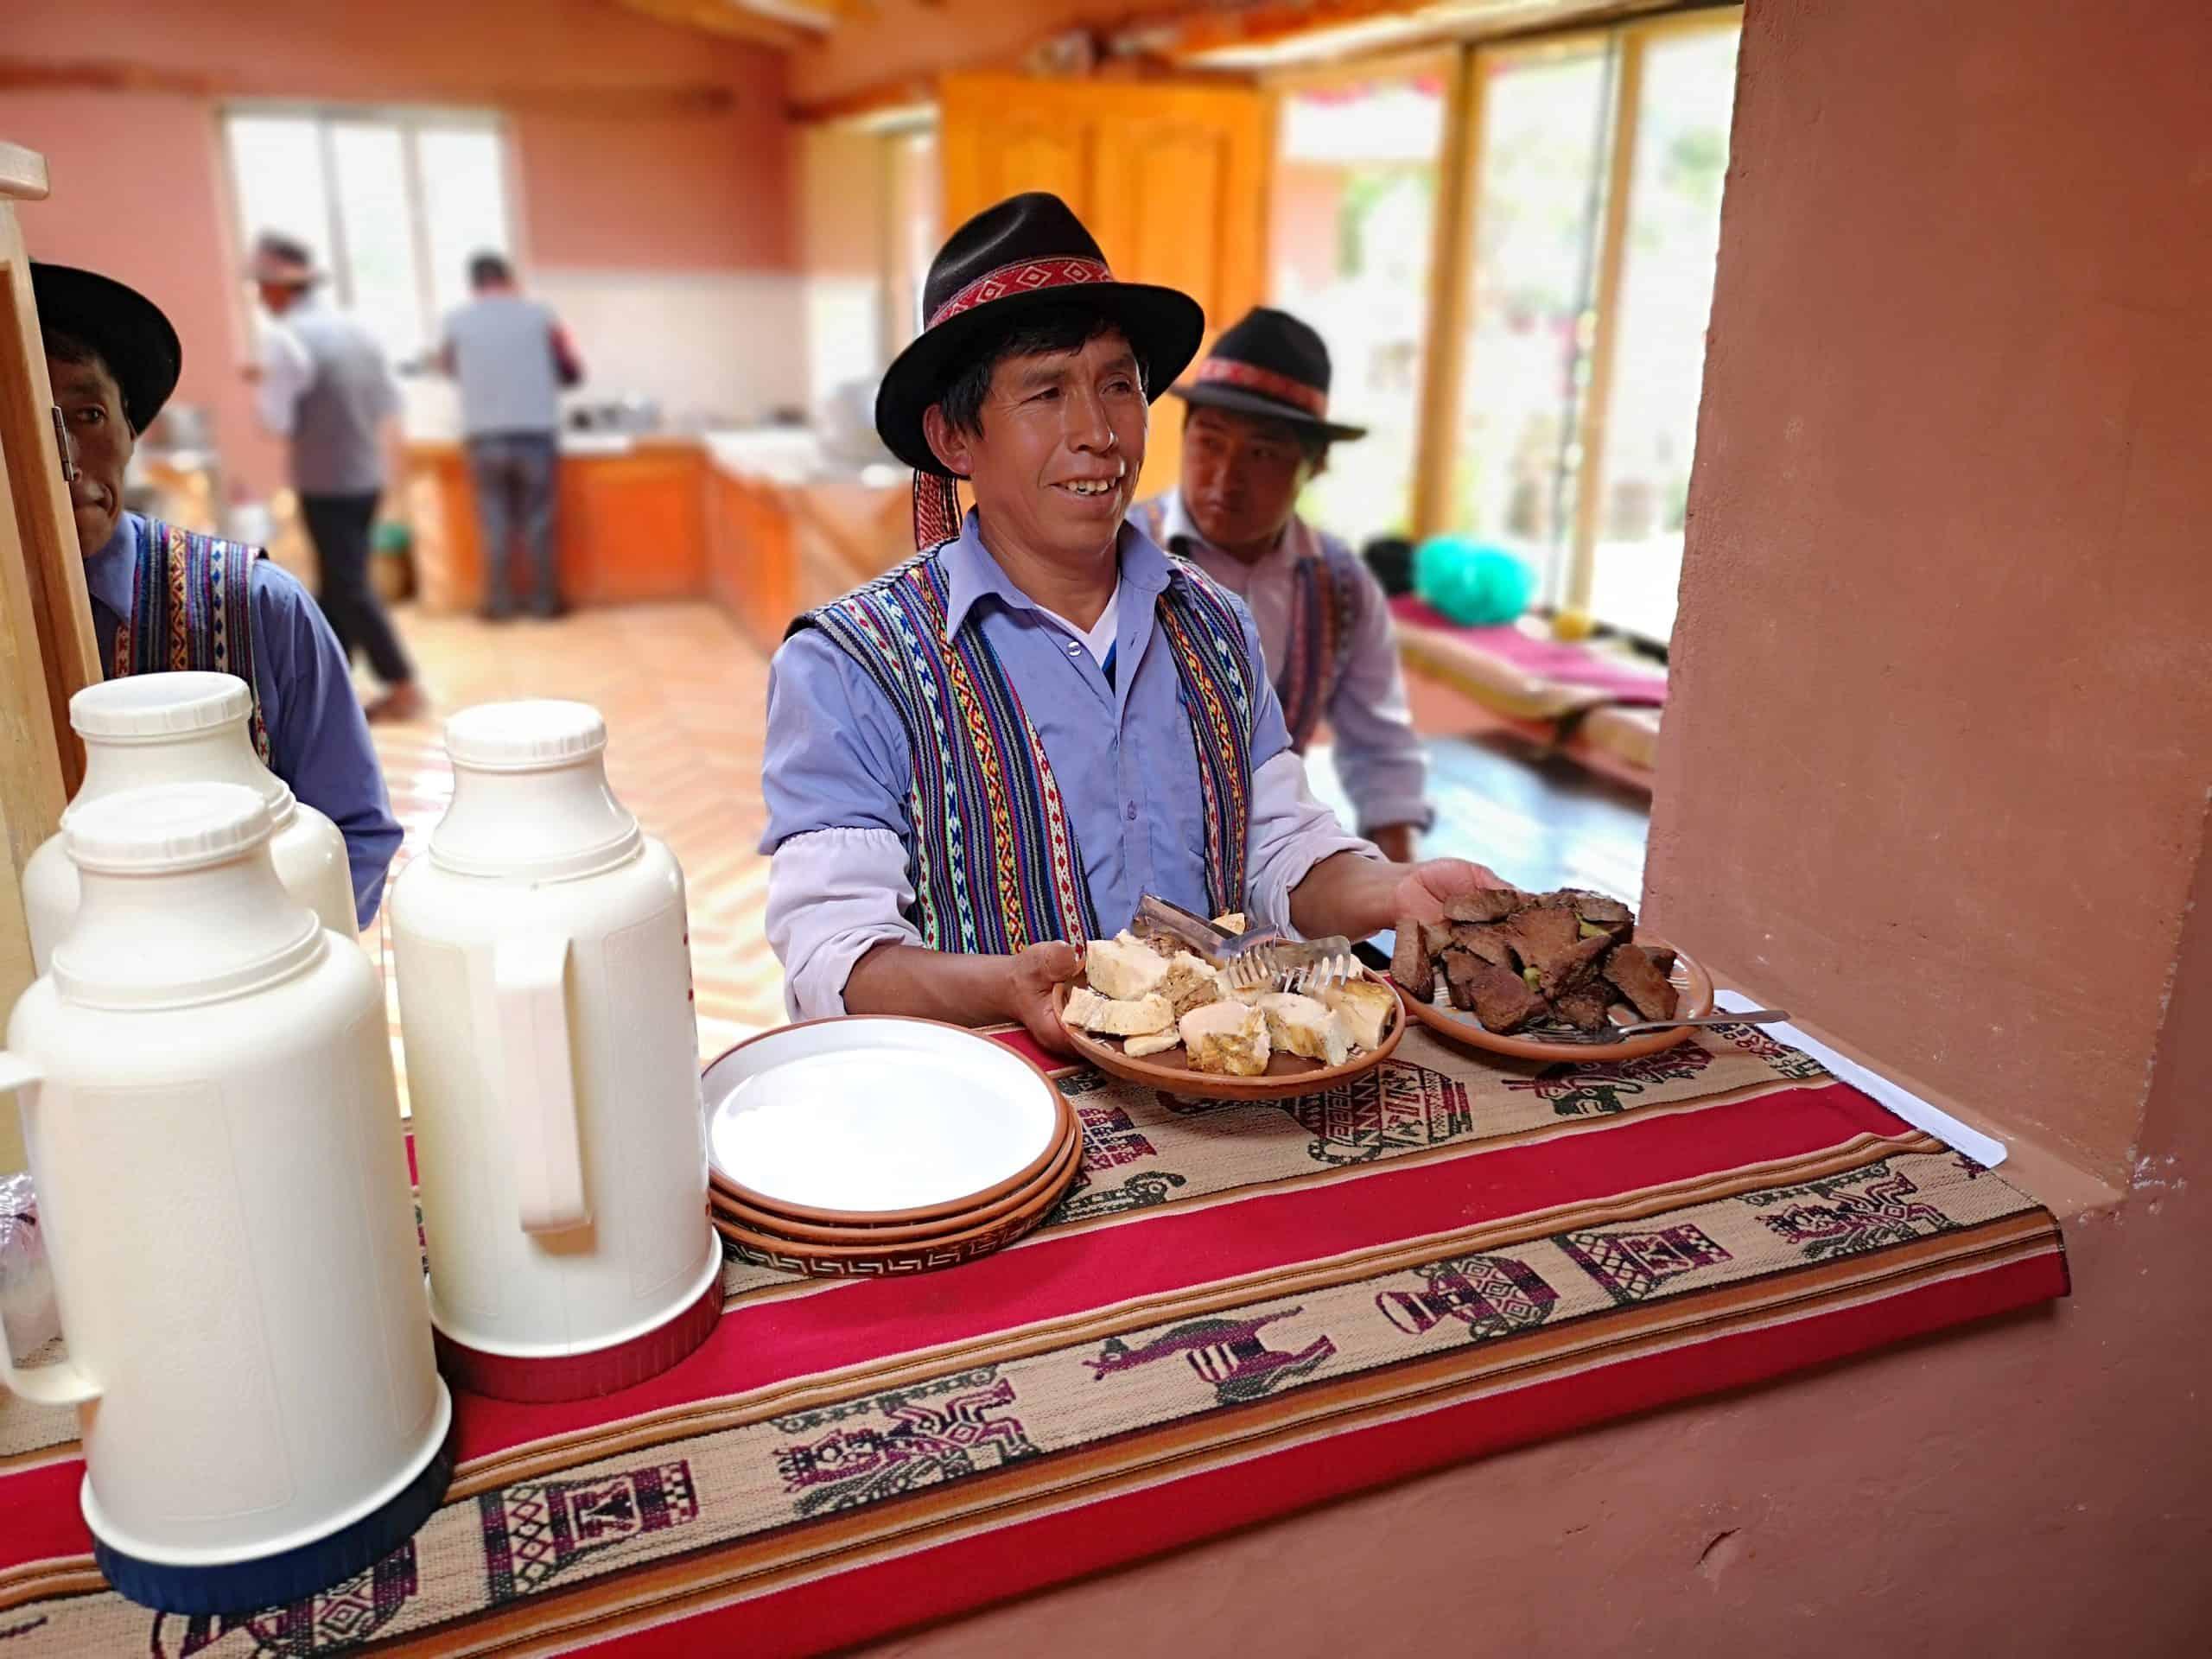 Poznaj zapachy i smaki Peru z andyjskimi widokami, inkaskimi ruinami i Machu Picchu